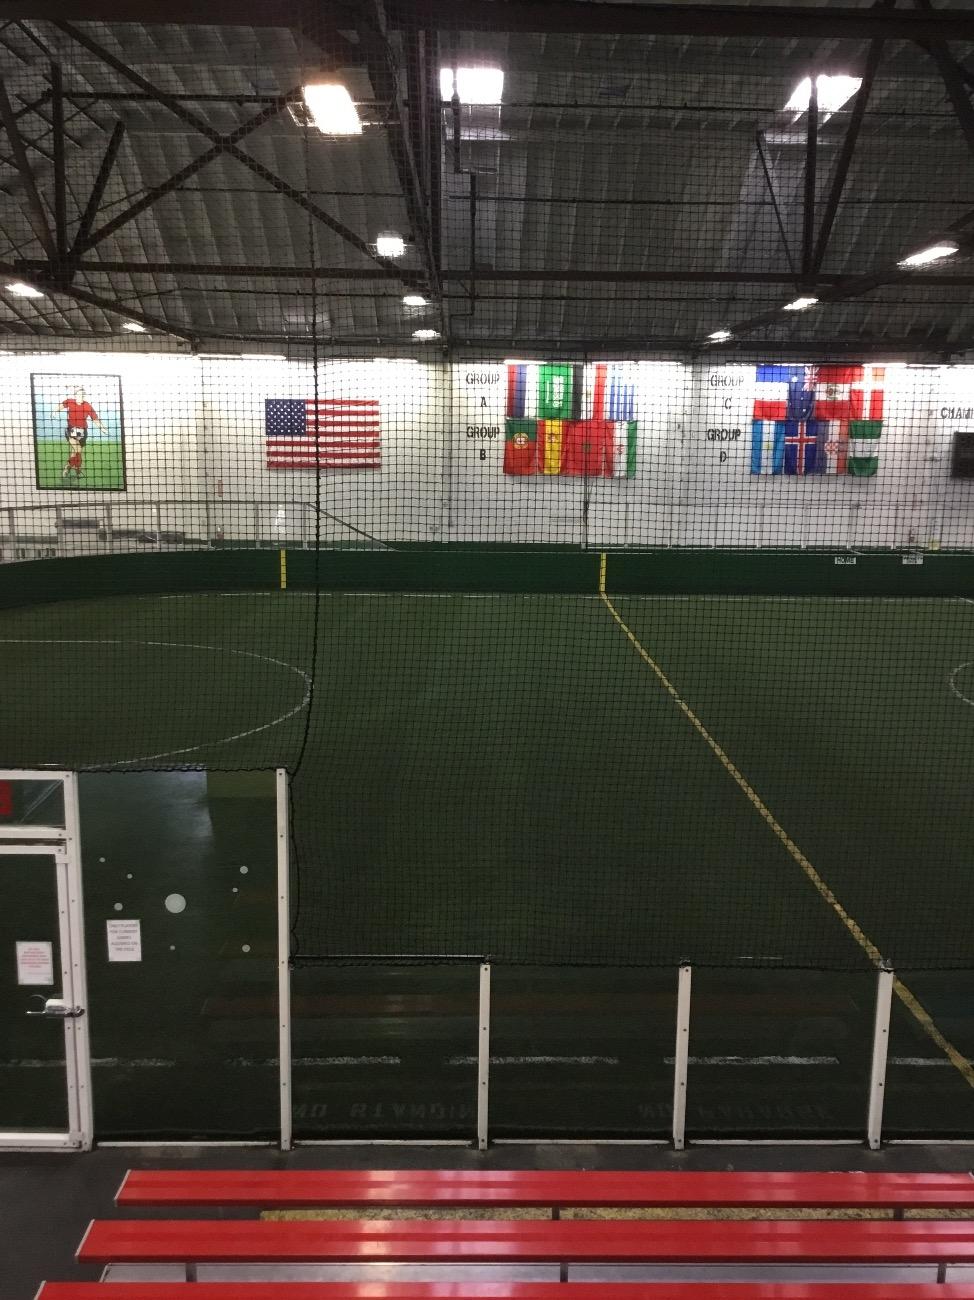 0fdc0f215 Field 1 at Off the Wall Soccer, Santa Clara